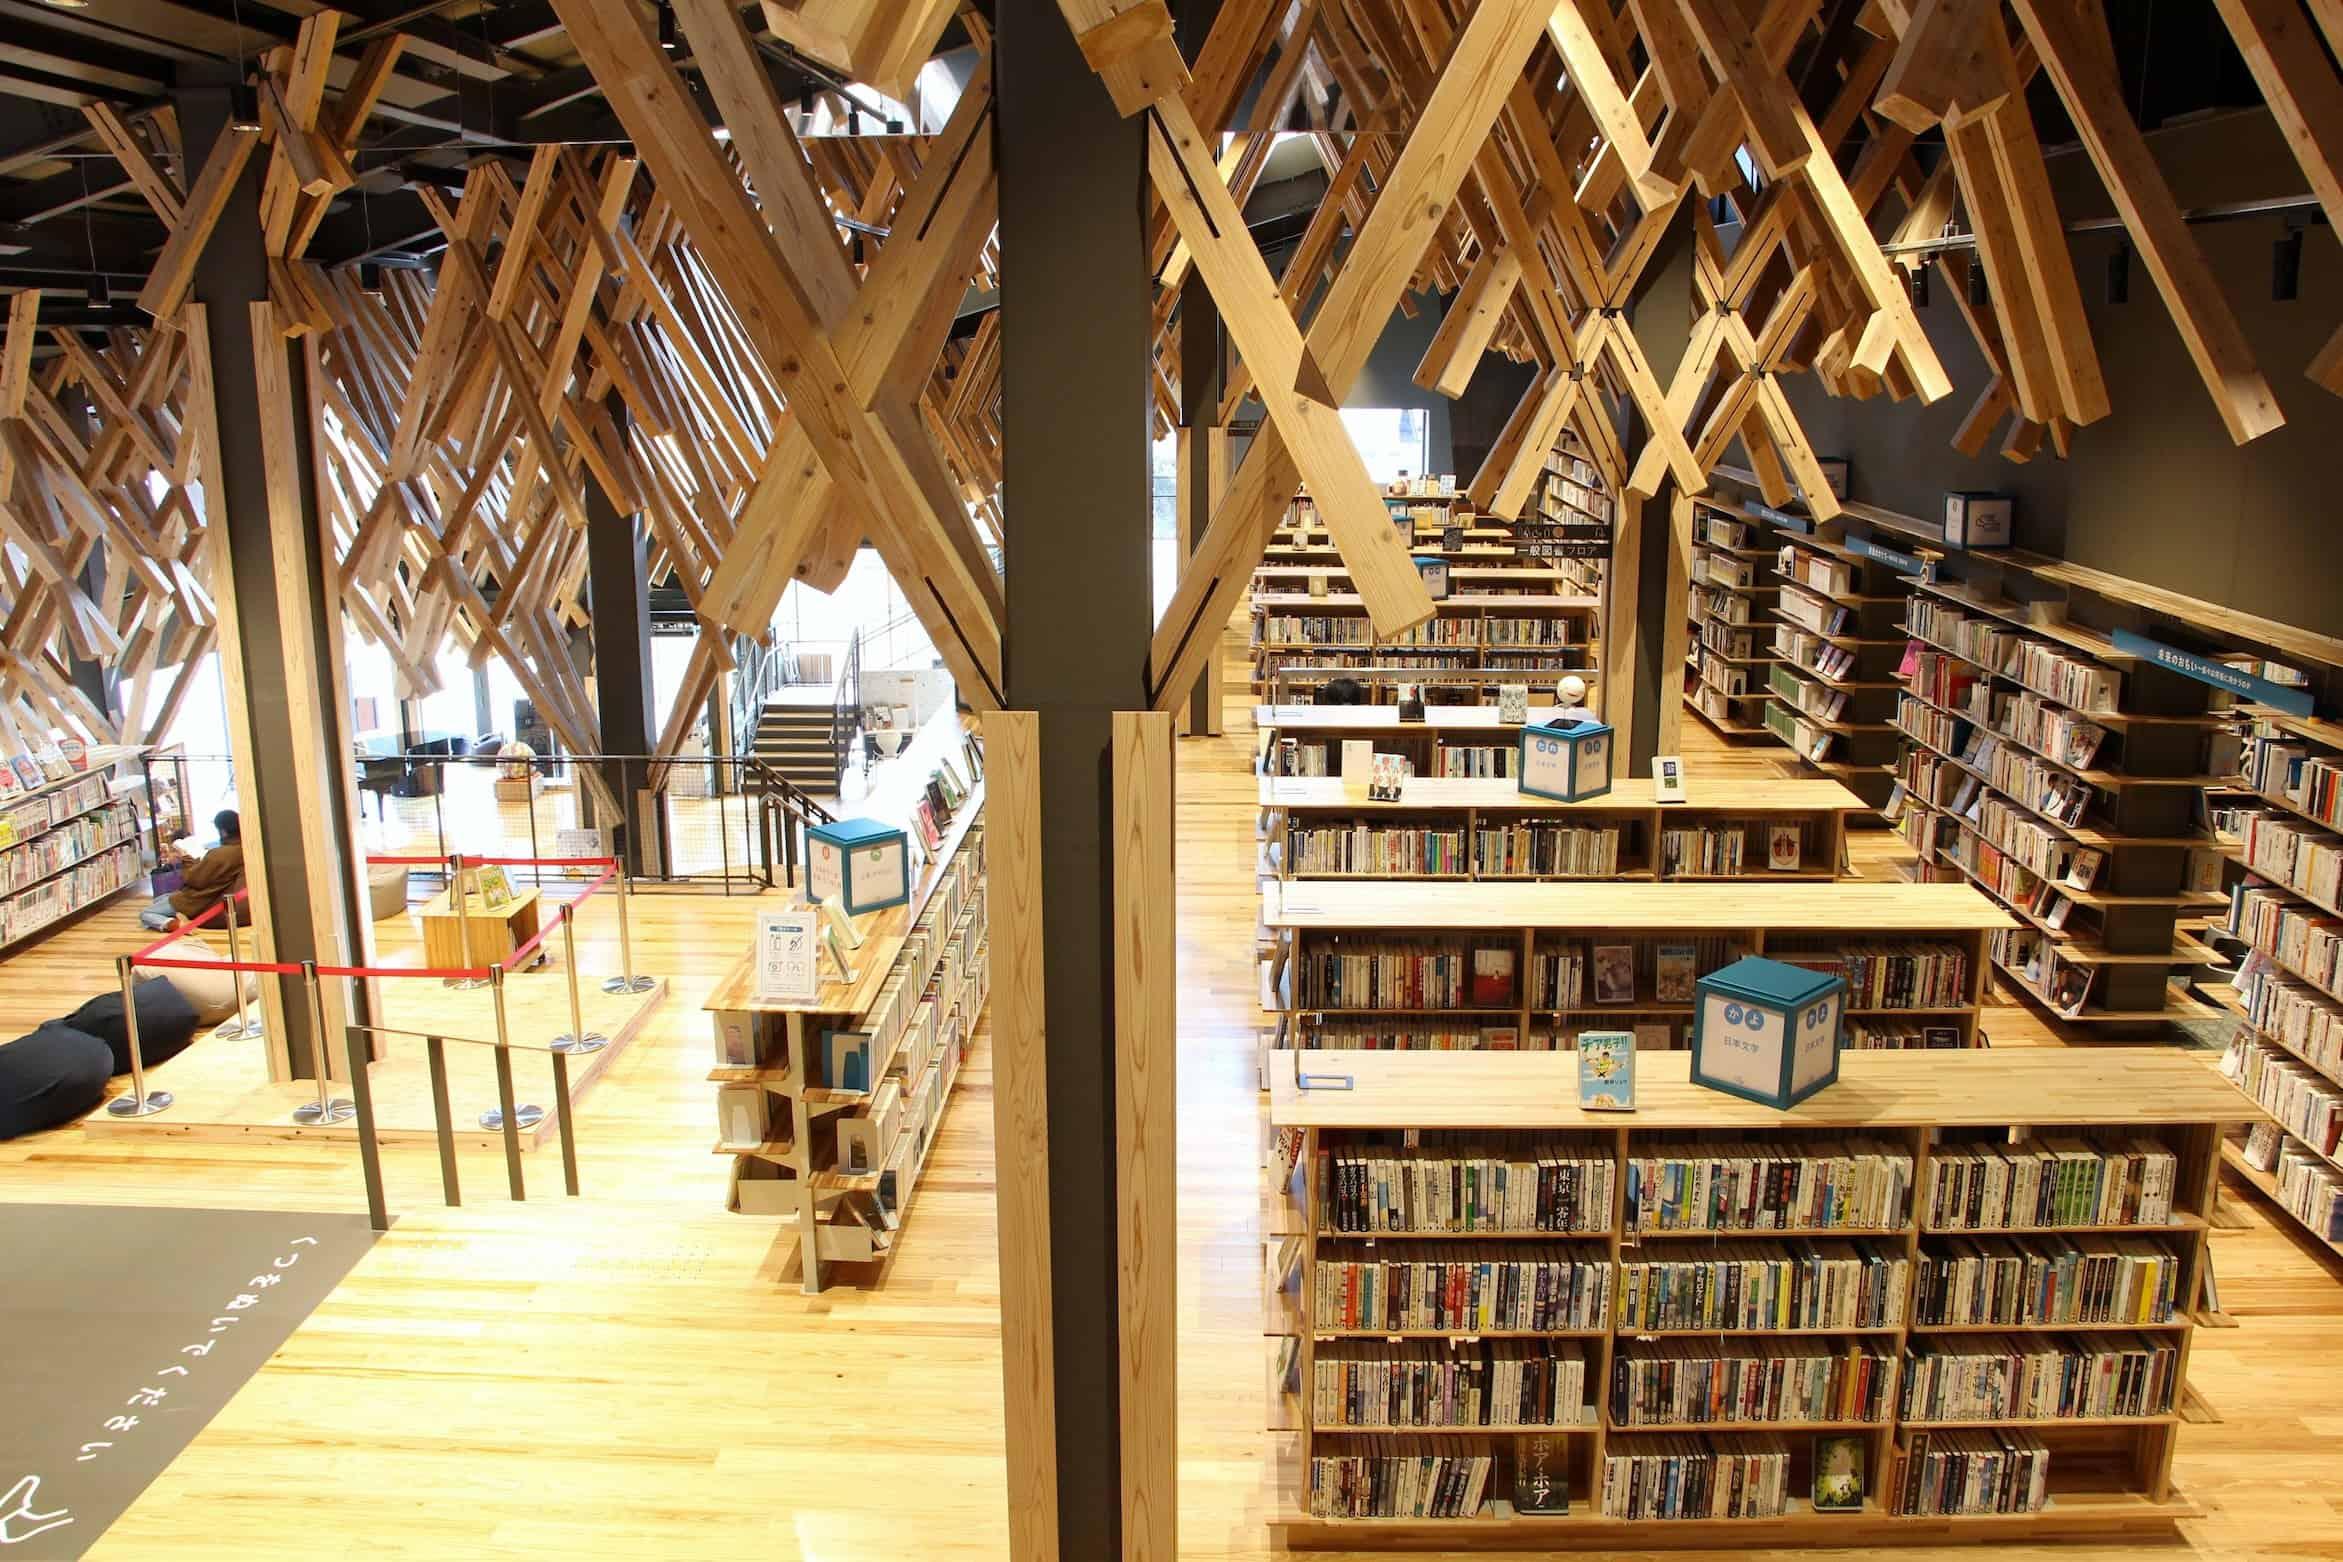 ห้องสมุดที่ออกแบบโดย เคนโกะ คุมะ